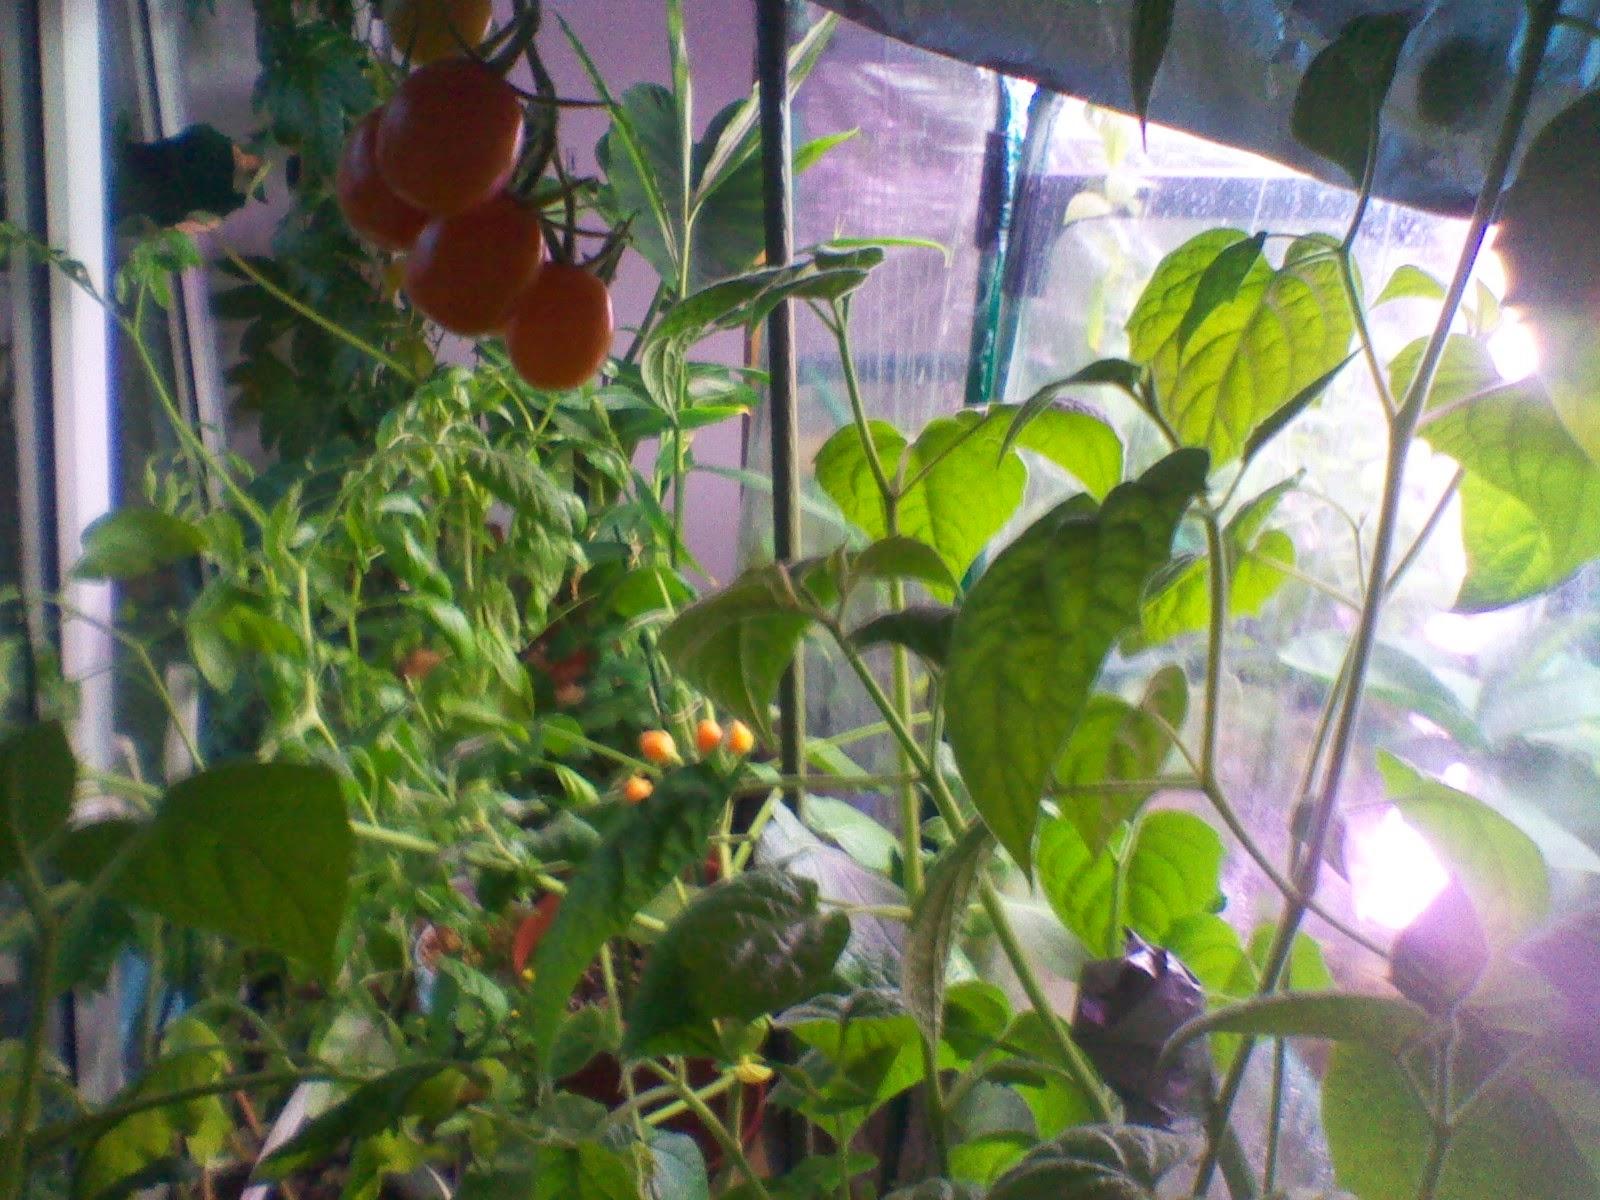 Selbstversorgung exotische einheimische pflanzen im zimmer und garten oktober 2014 - Einheimische pflanzen im garten ...